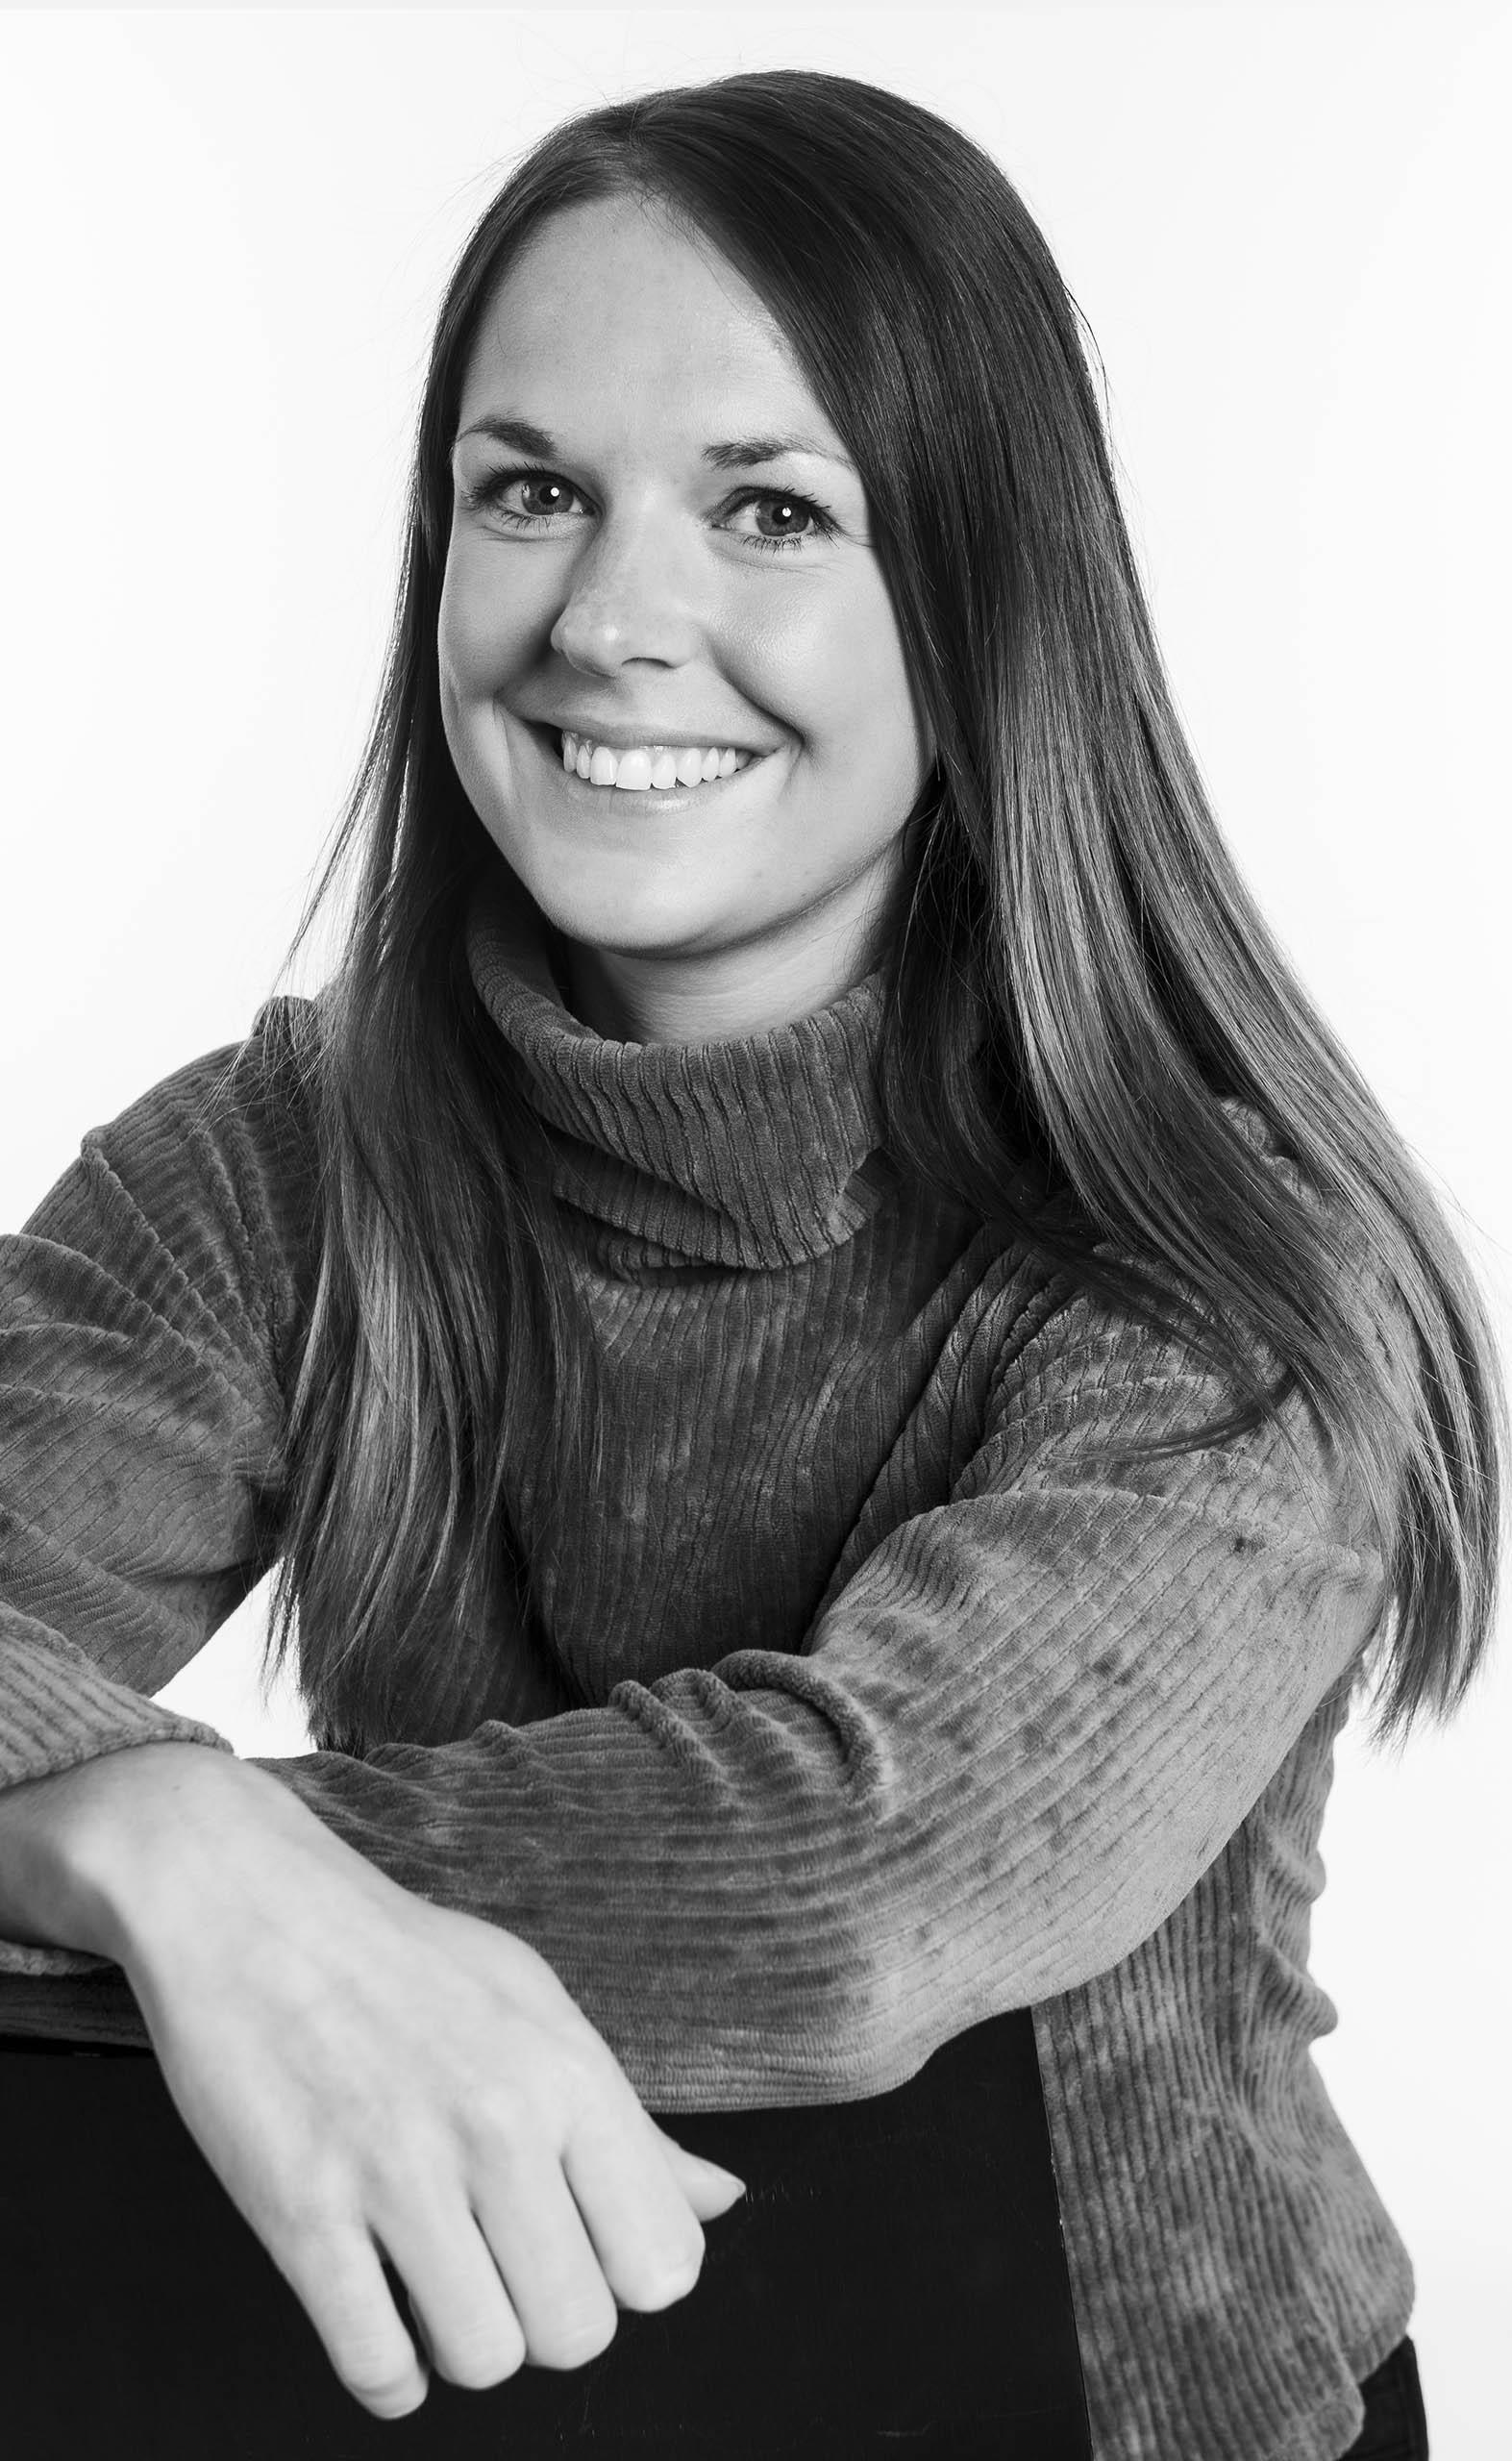 Evelina Swanberg